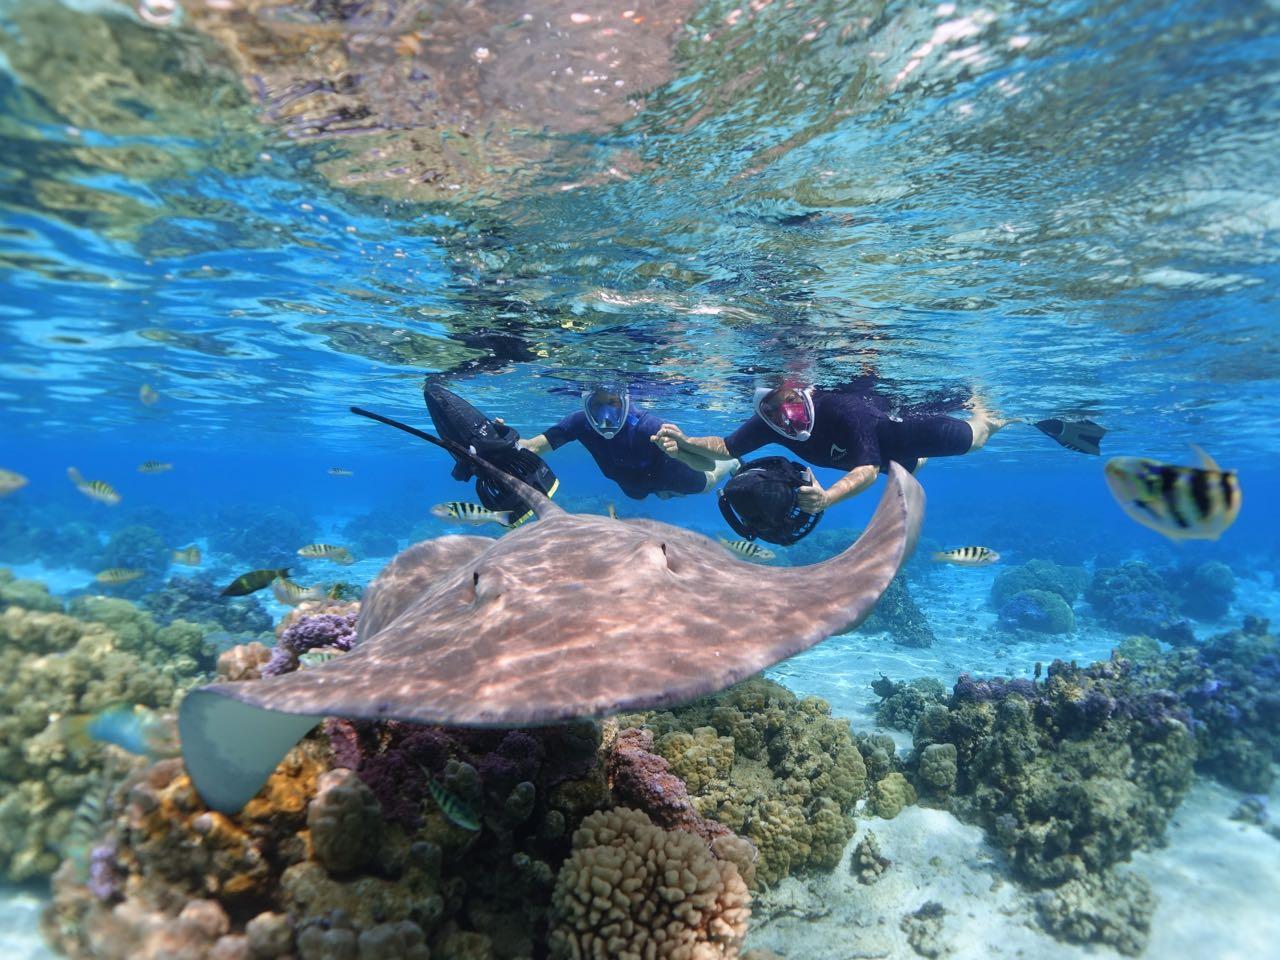 https://tahititourisme.uk/wp-content/uploads/2020/09/Sea-Scooter-Snorkeling-Tour-à-moorea-copie-2.jpg